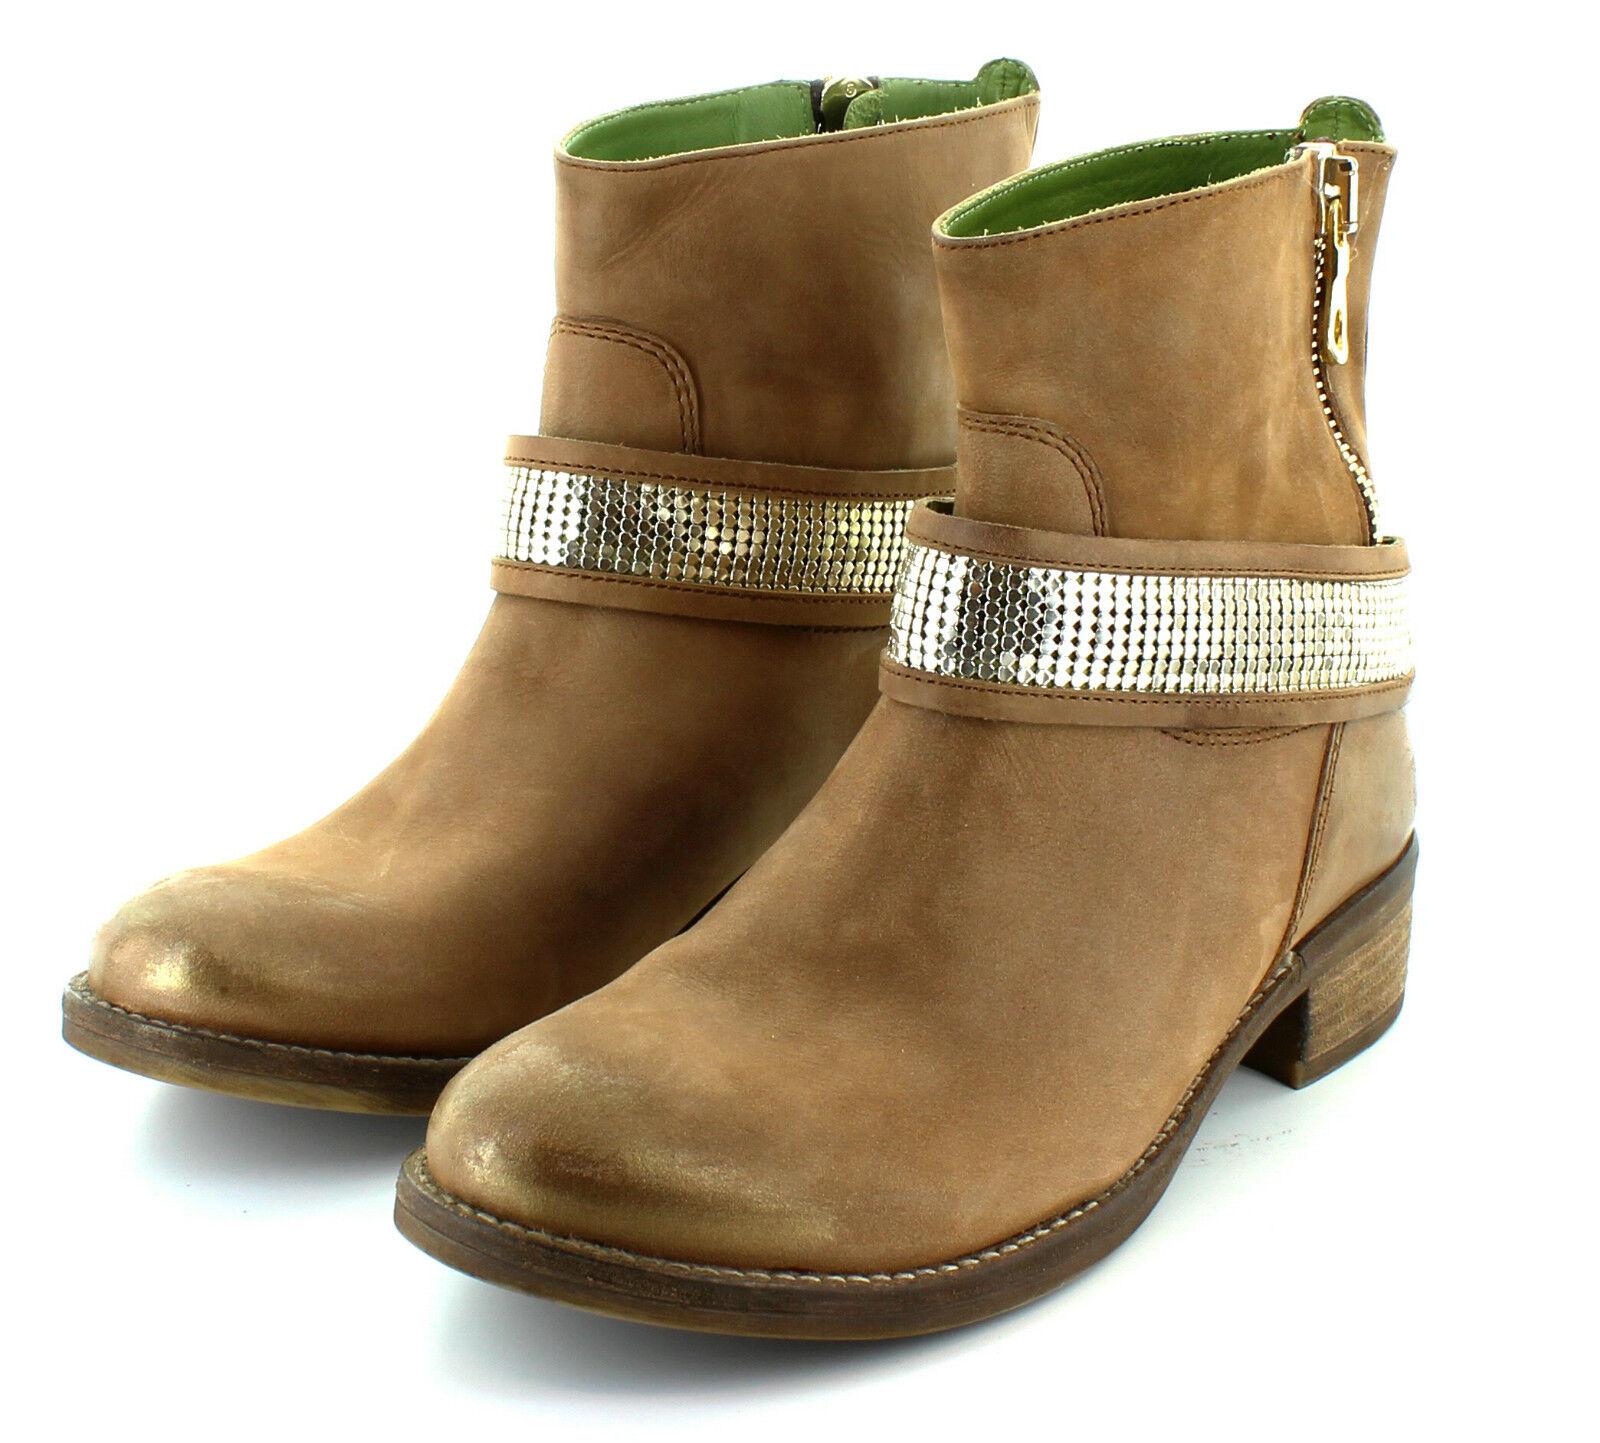 Señora botas de cuero zapatos Maruti limonce botines de cuero genuino talla 37